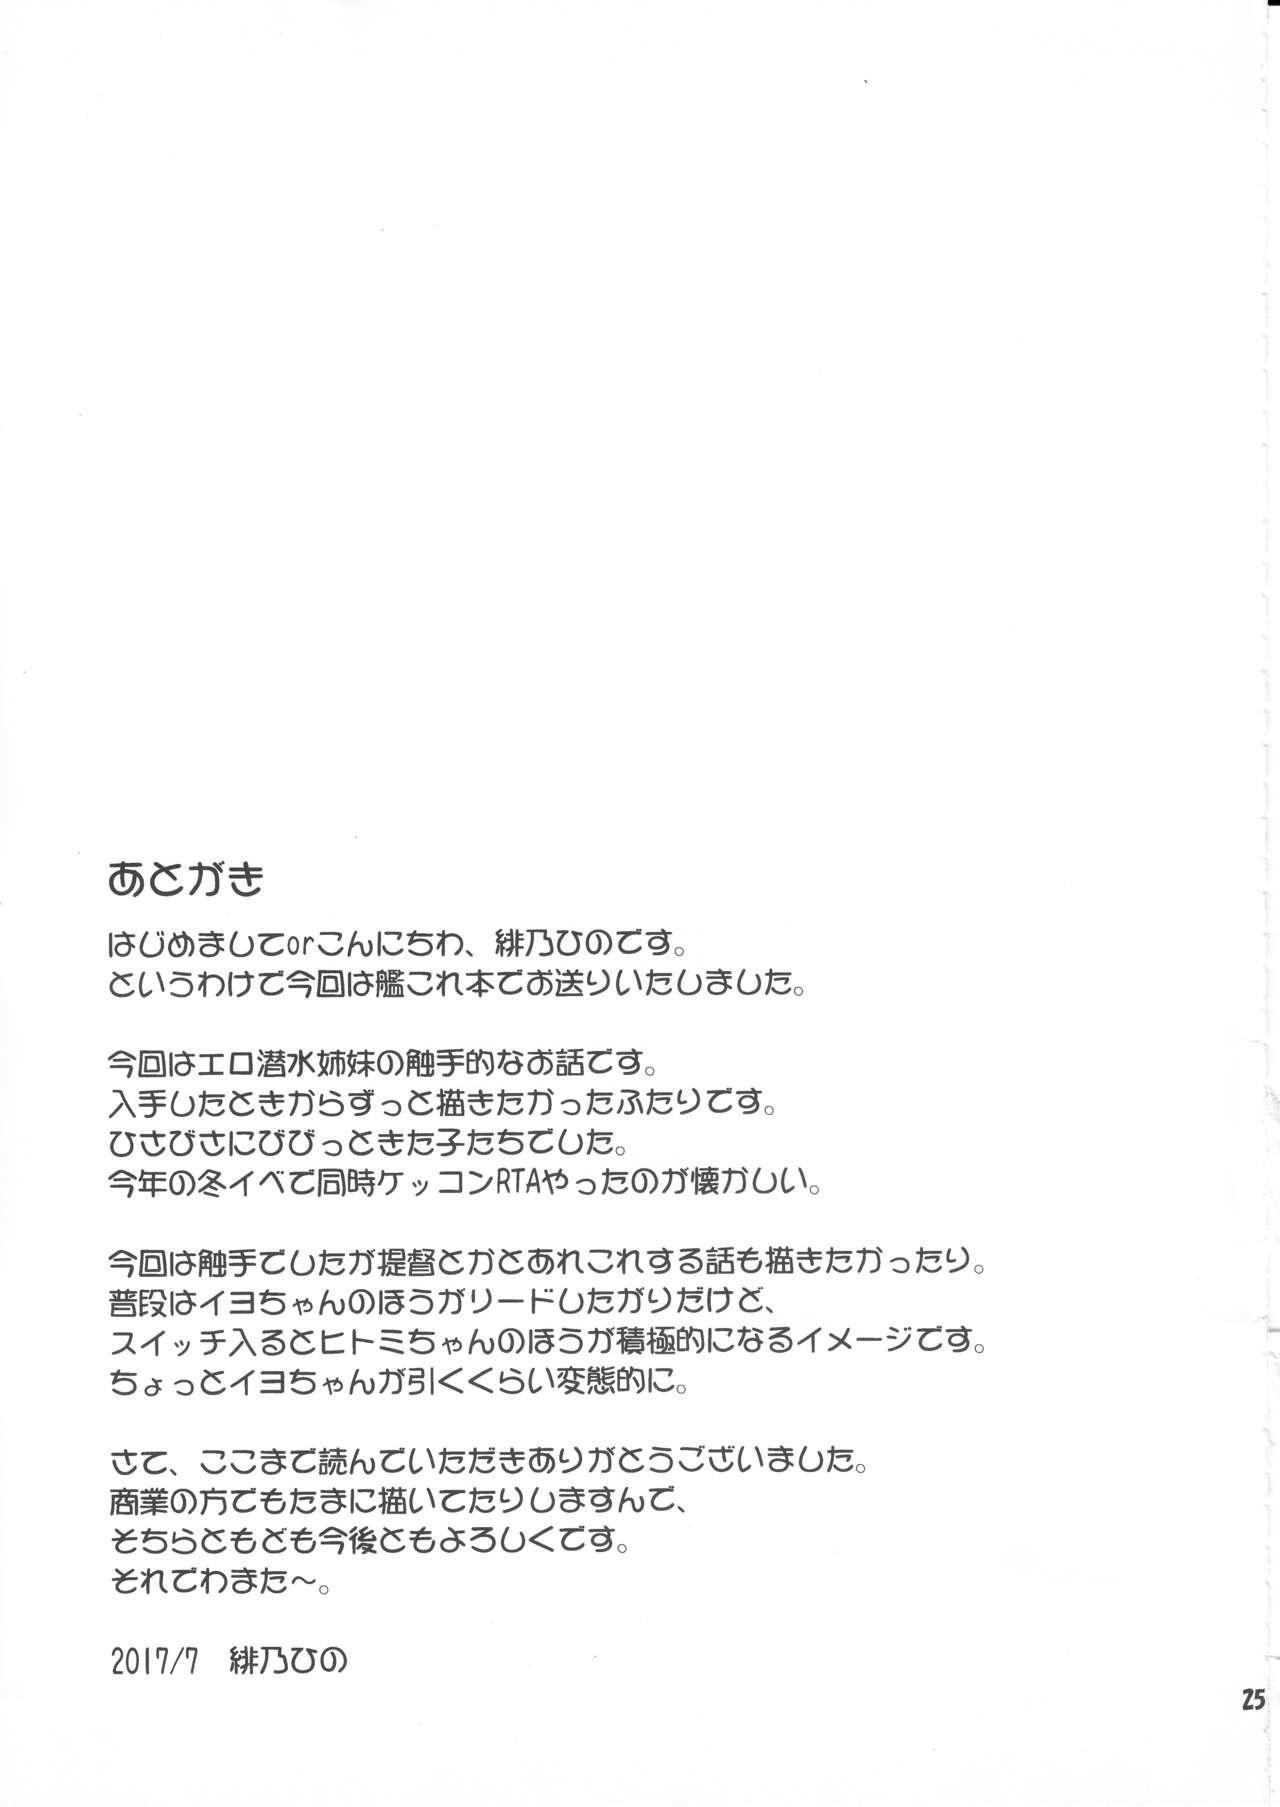 Shinkai ni Ochiru Futari 23